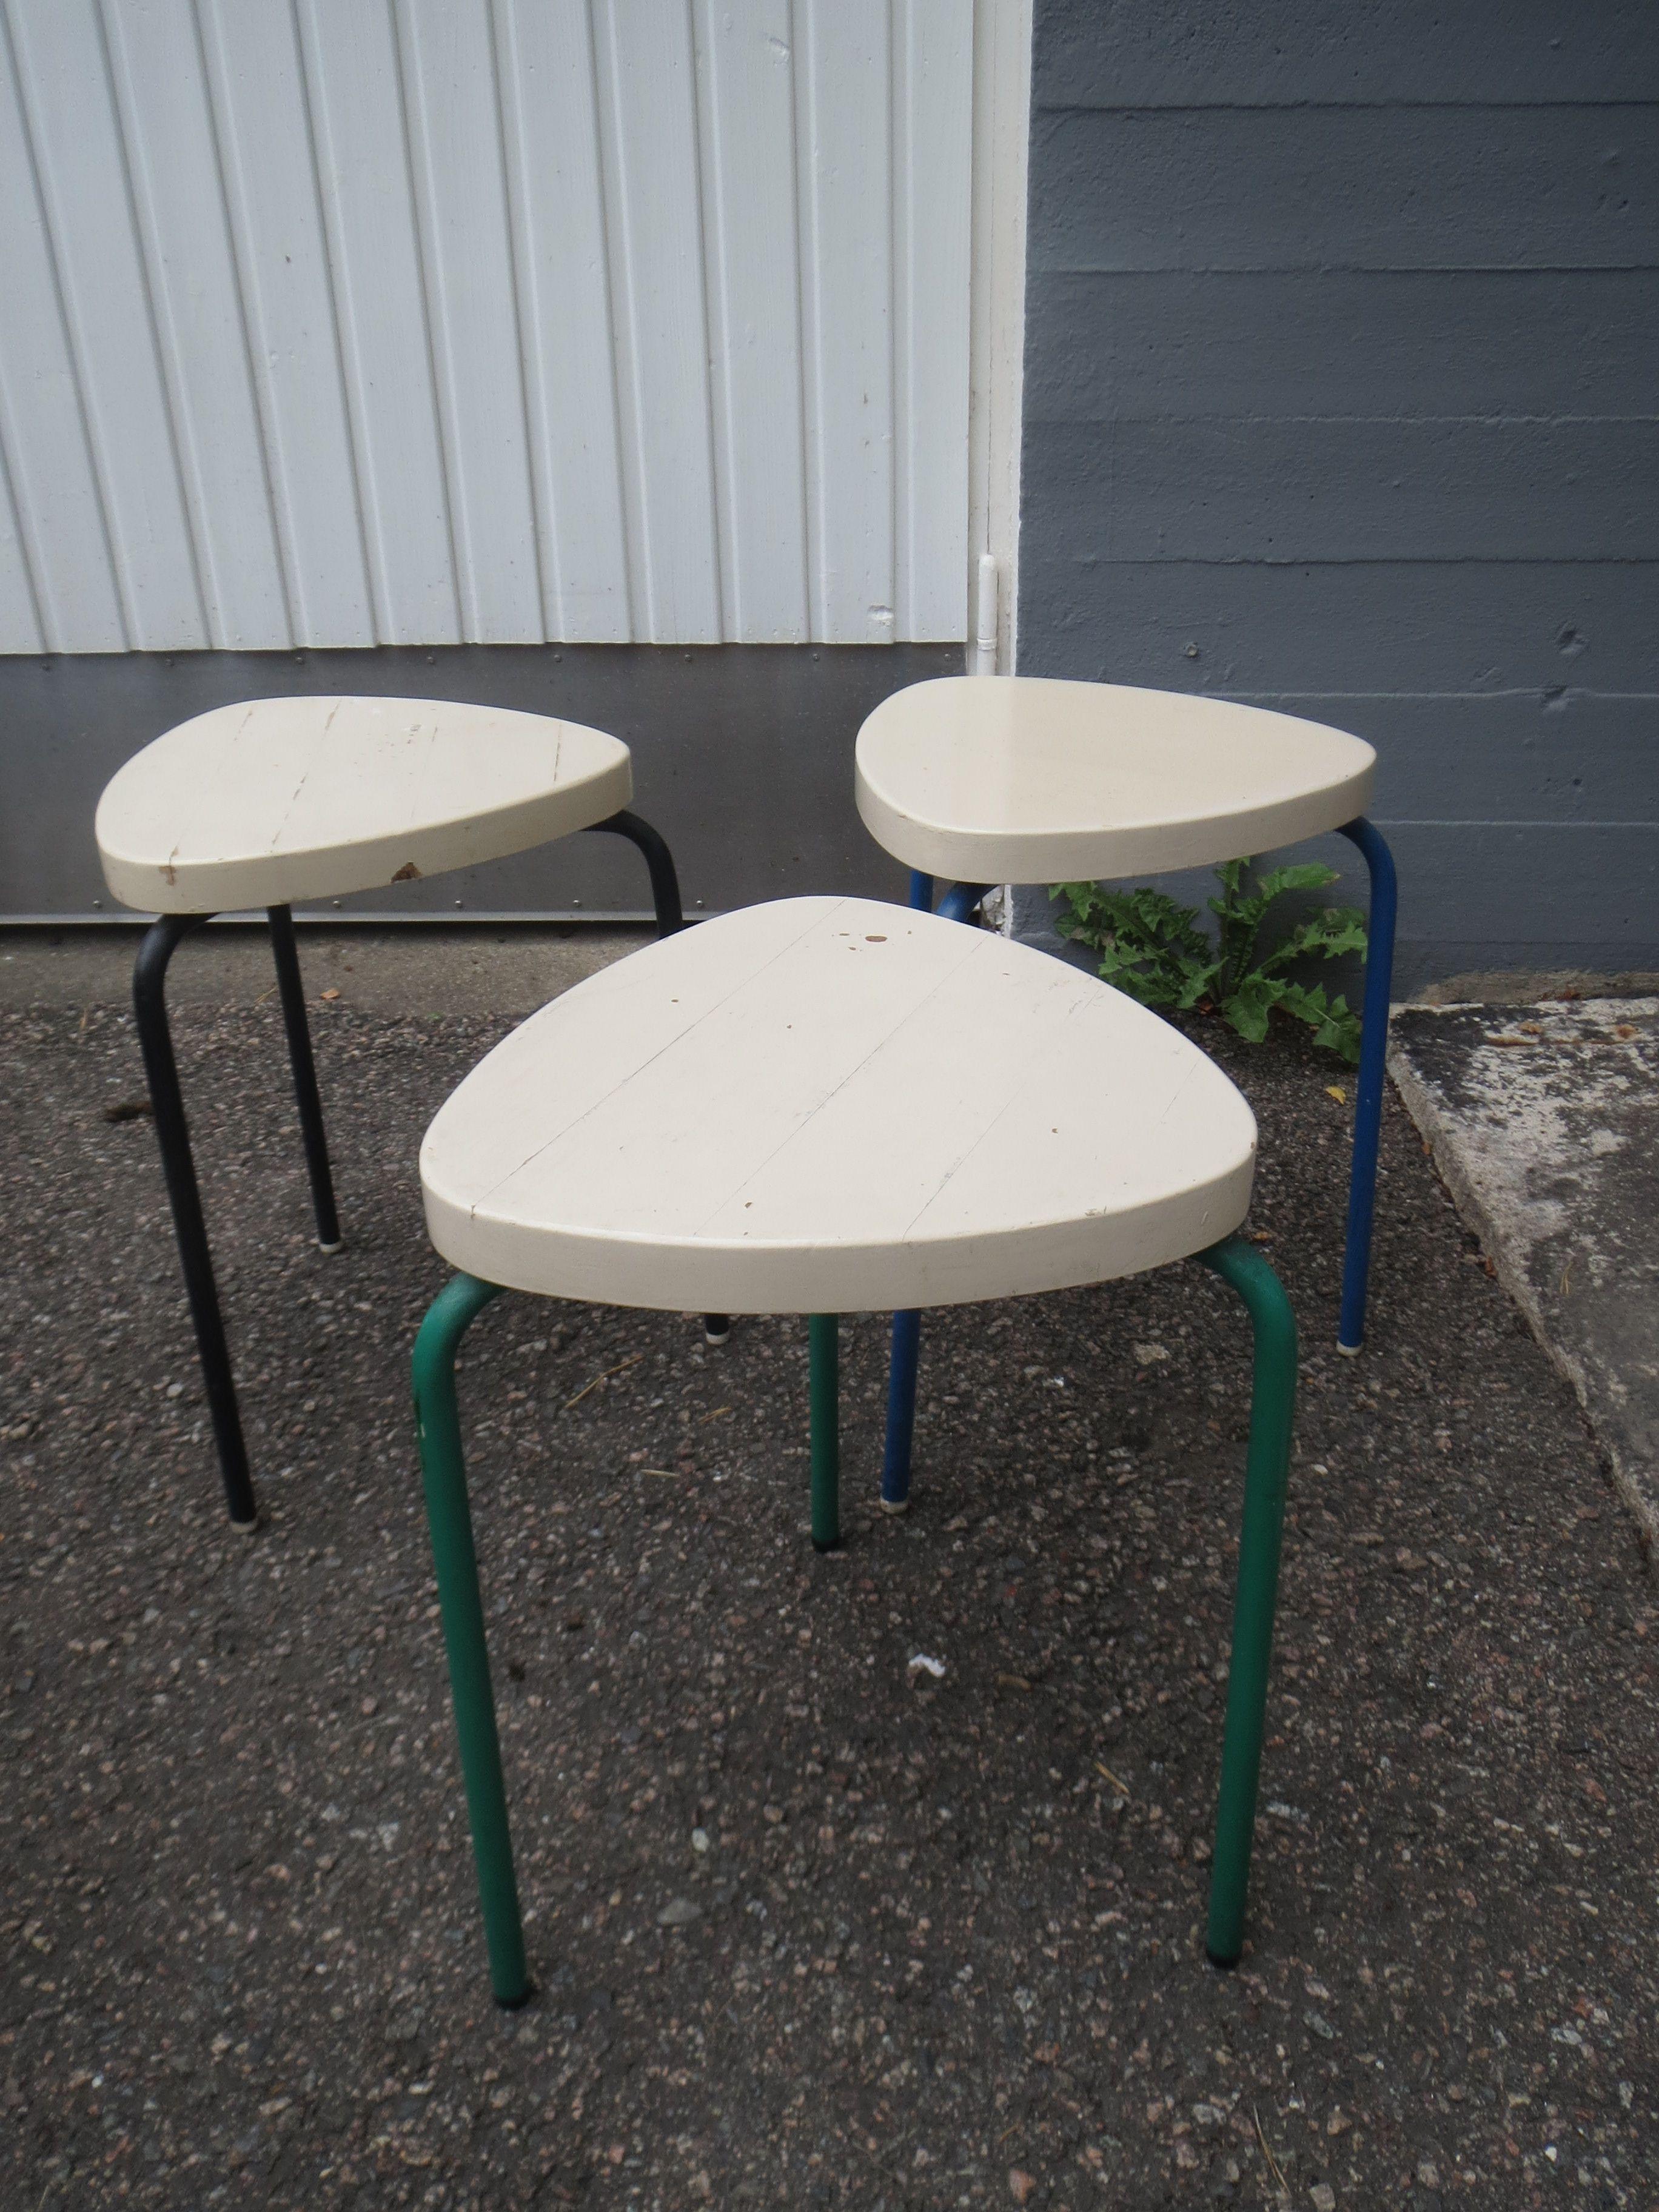 Hauskanmalliset jakkarat, istuimet puuta, jalat muovitettua metallia. Tukevat, pinottavat, maalipinnoissa kulumaa.  Halkaisija 32 cm, korkeus 45 cm.  25 euroa/kpl.  Nouto/Matkahuolto.